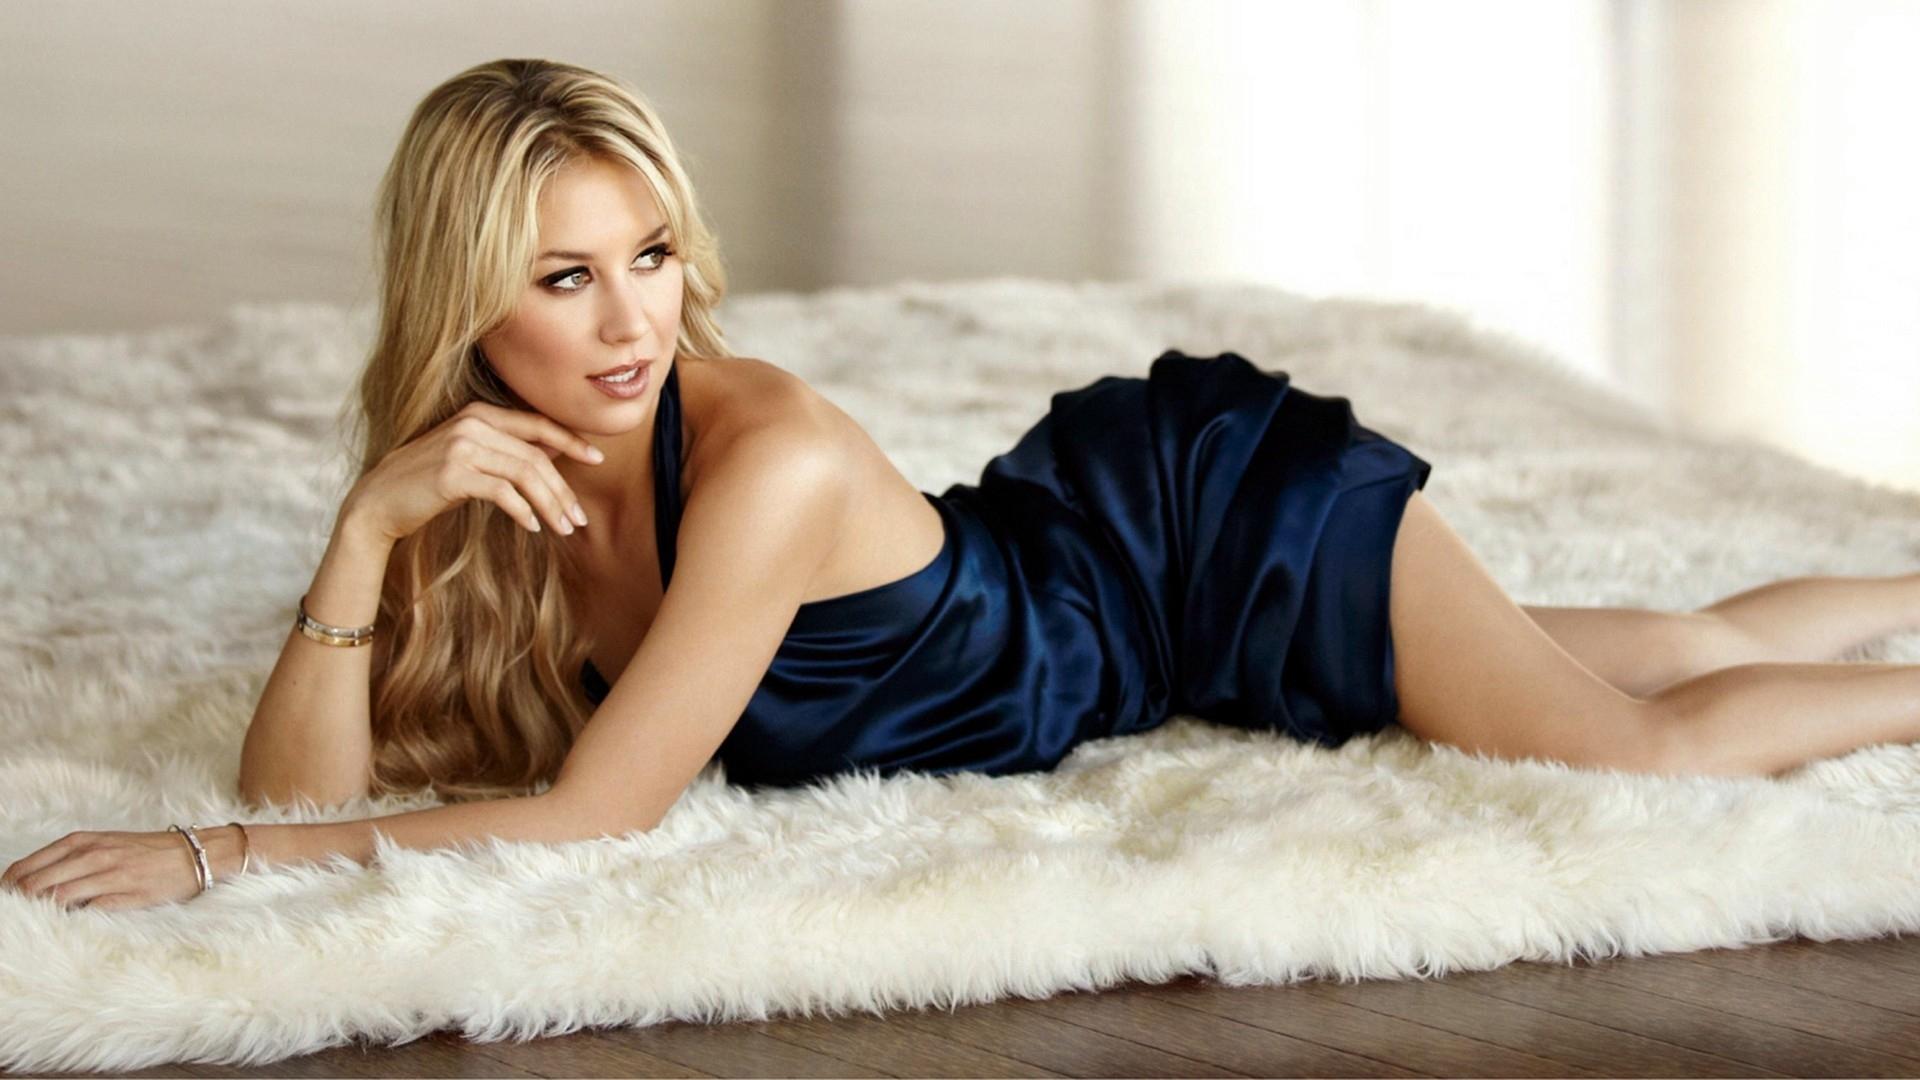 blondes_women_dress_beds_celebrity_anna_kournikova_1920x1080_wallpaper_Wallpaper_1920x1080_www.wall321.com